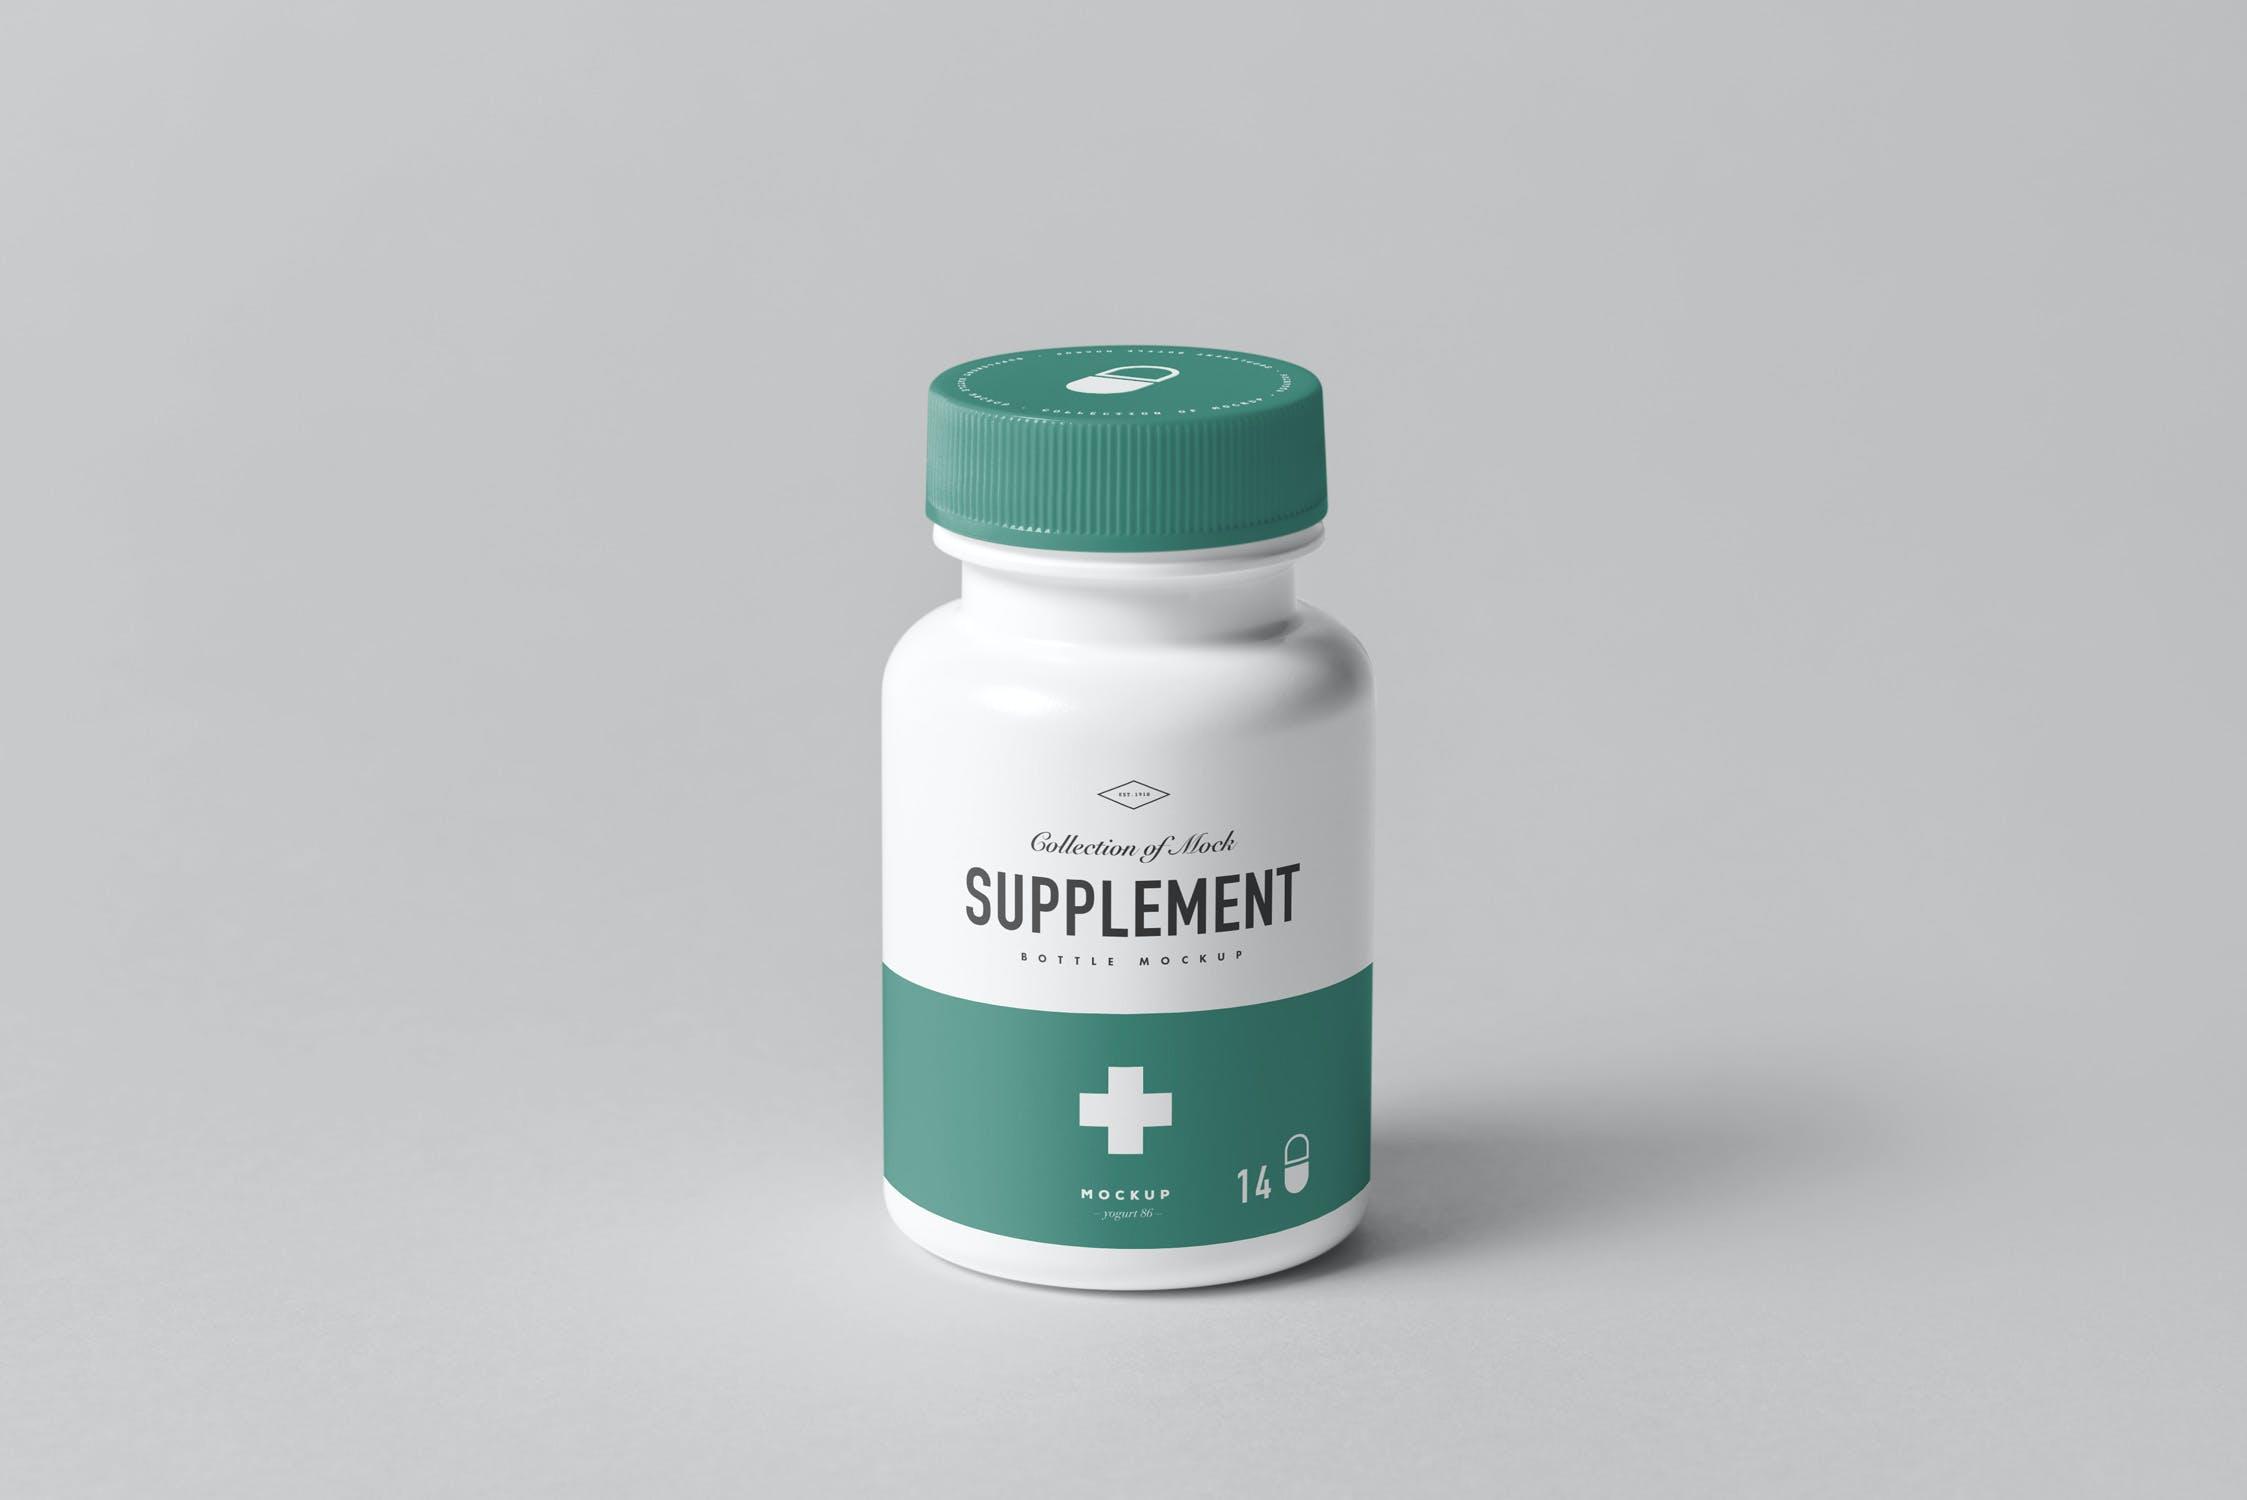 8款药物补充瓶塑料瓶包装盒设计展示样机模板 Supplement Bottle Mockup插图